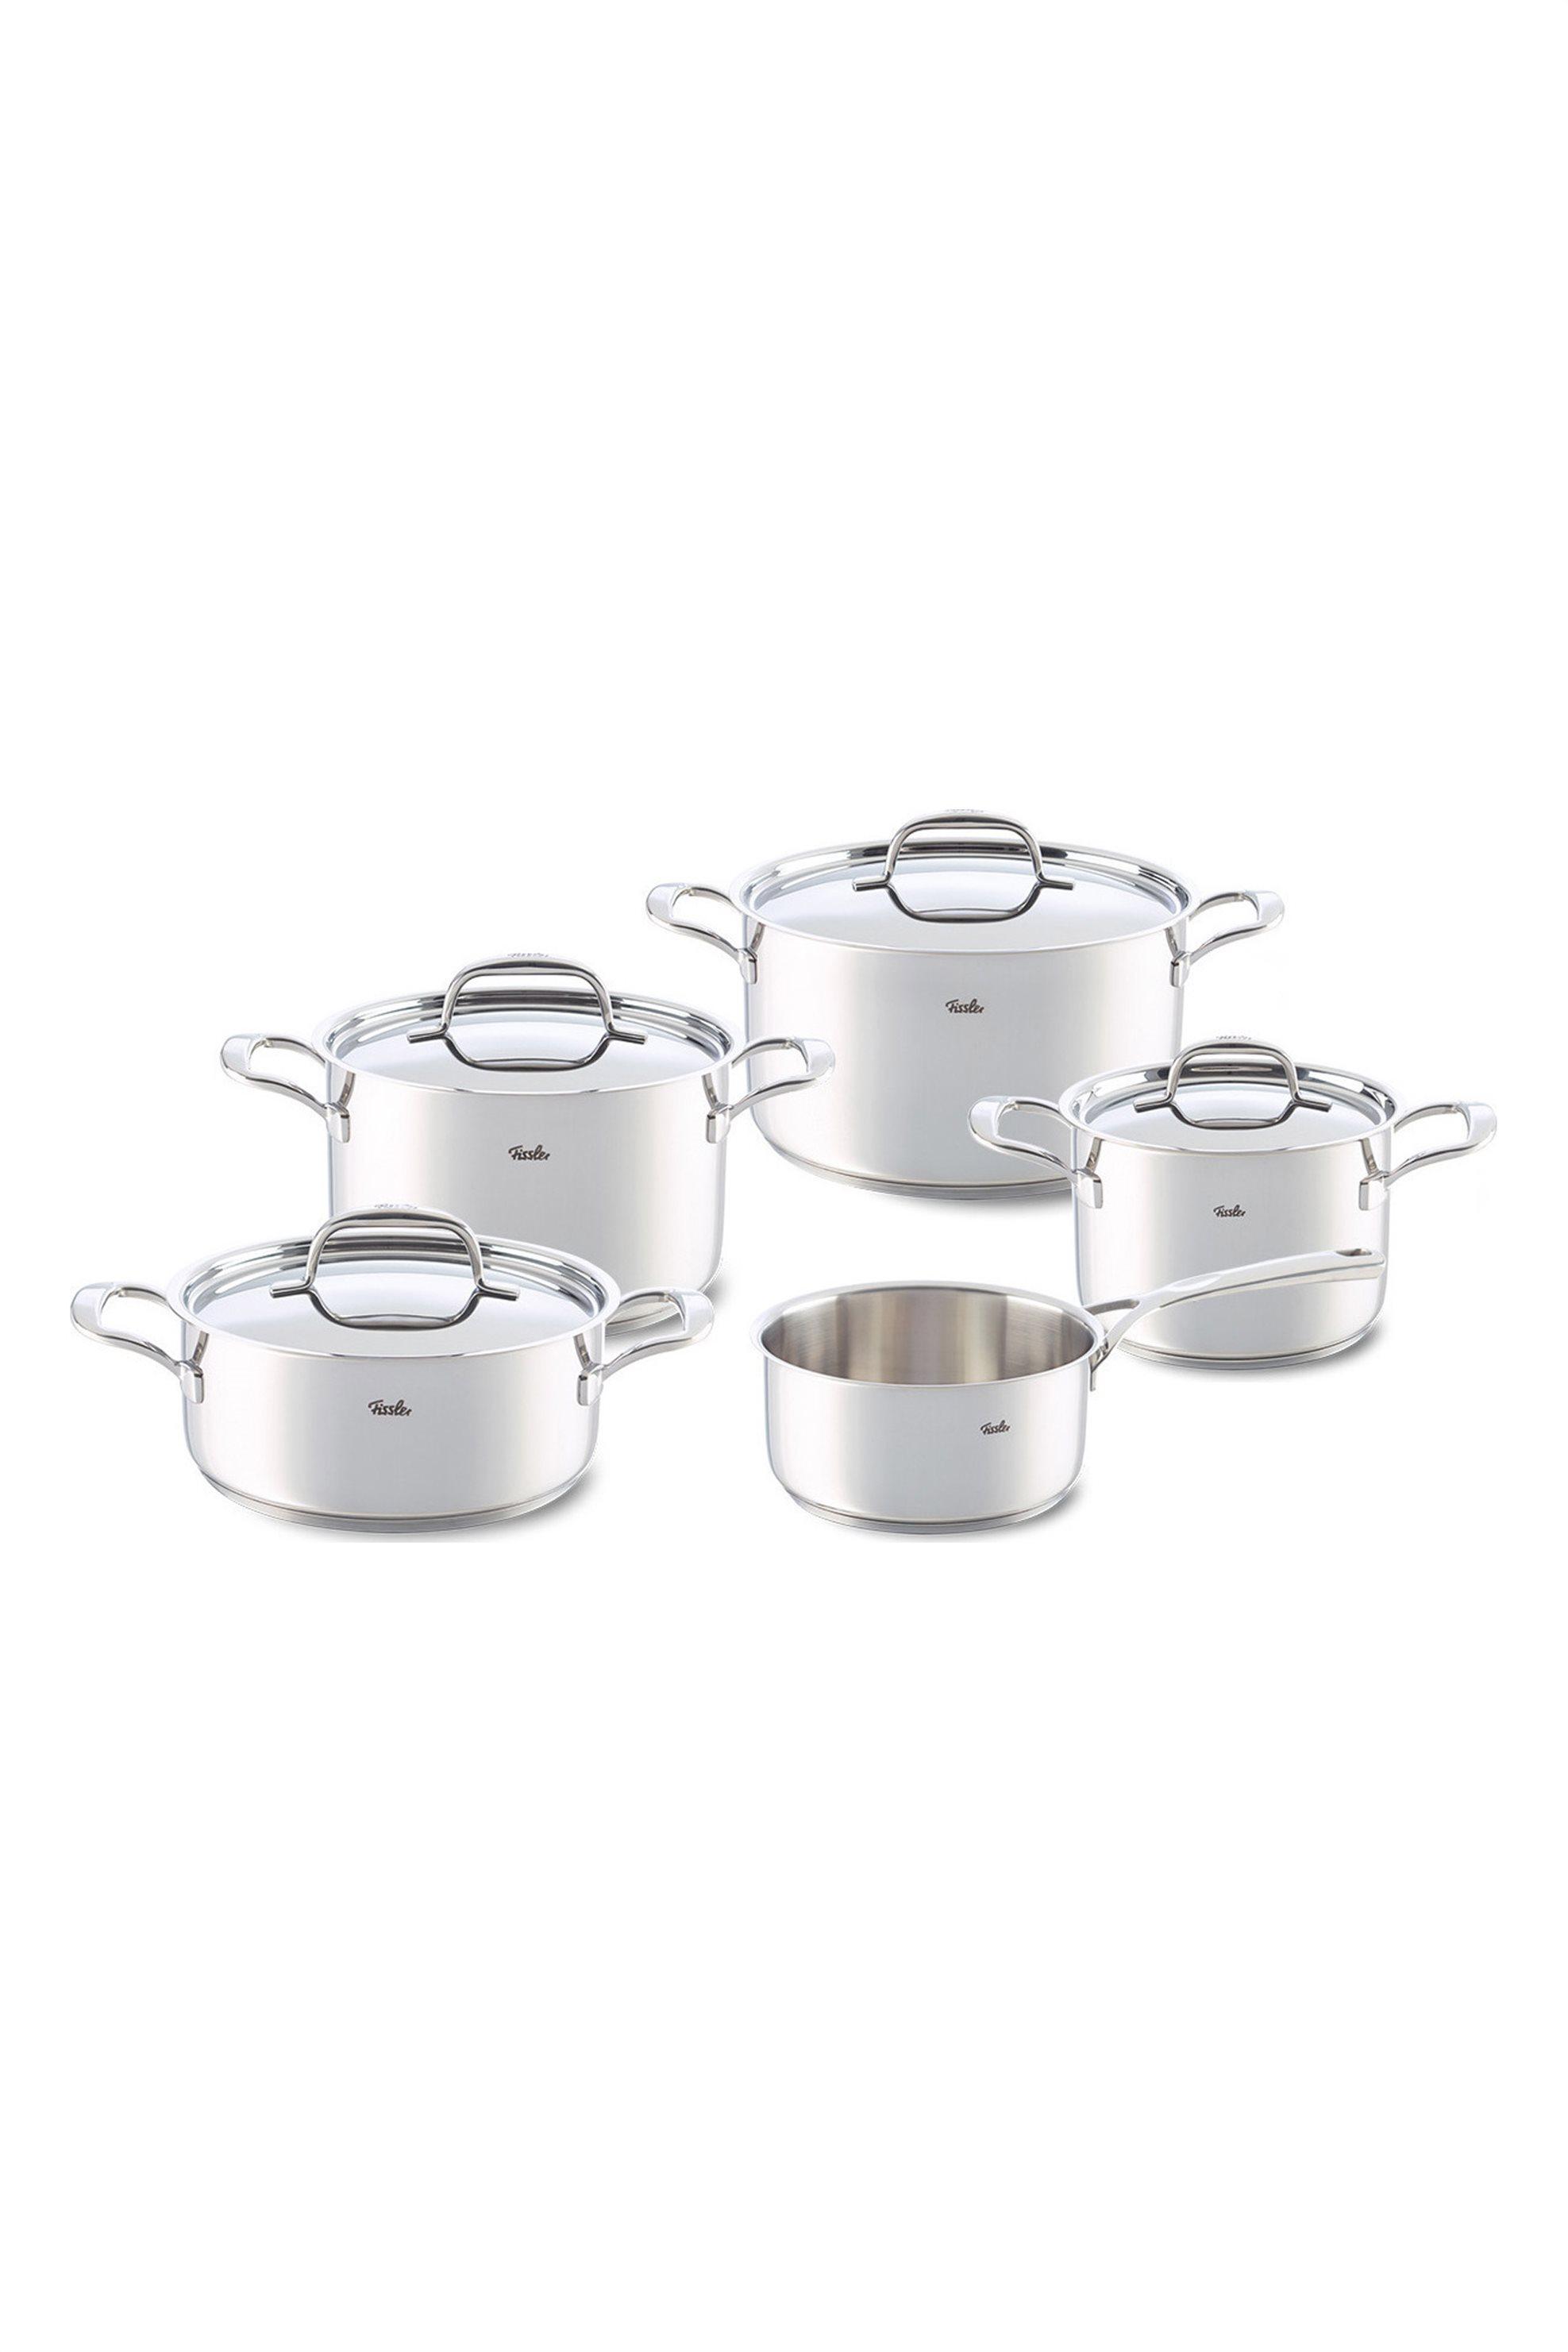 Σετ κατσαρόλες Riva 5τμχ Fissler - 0211605 home   κουζινα   μαγειρικά σκεύη